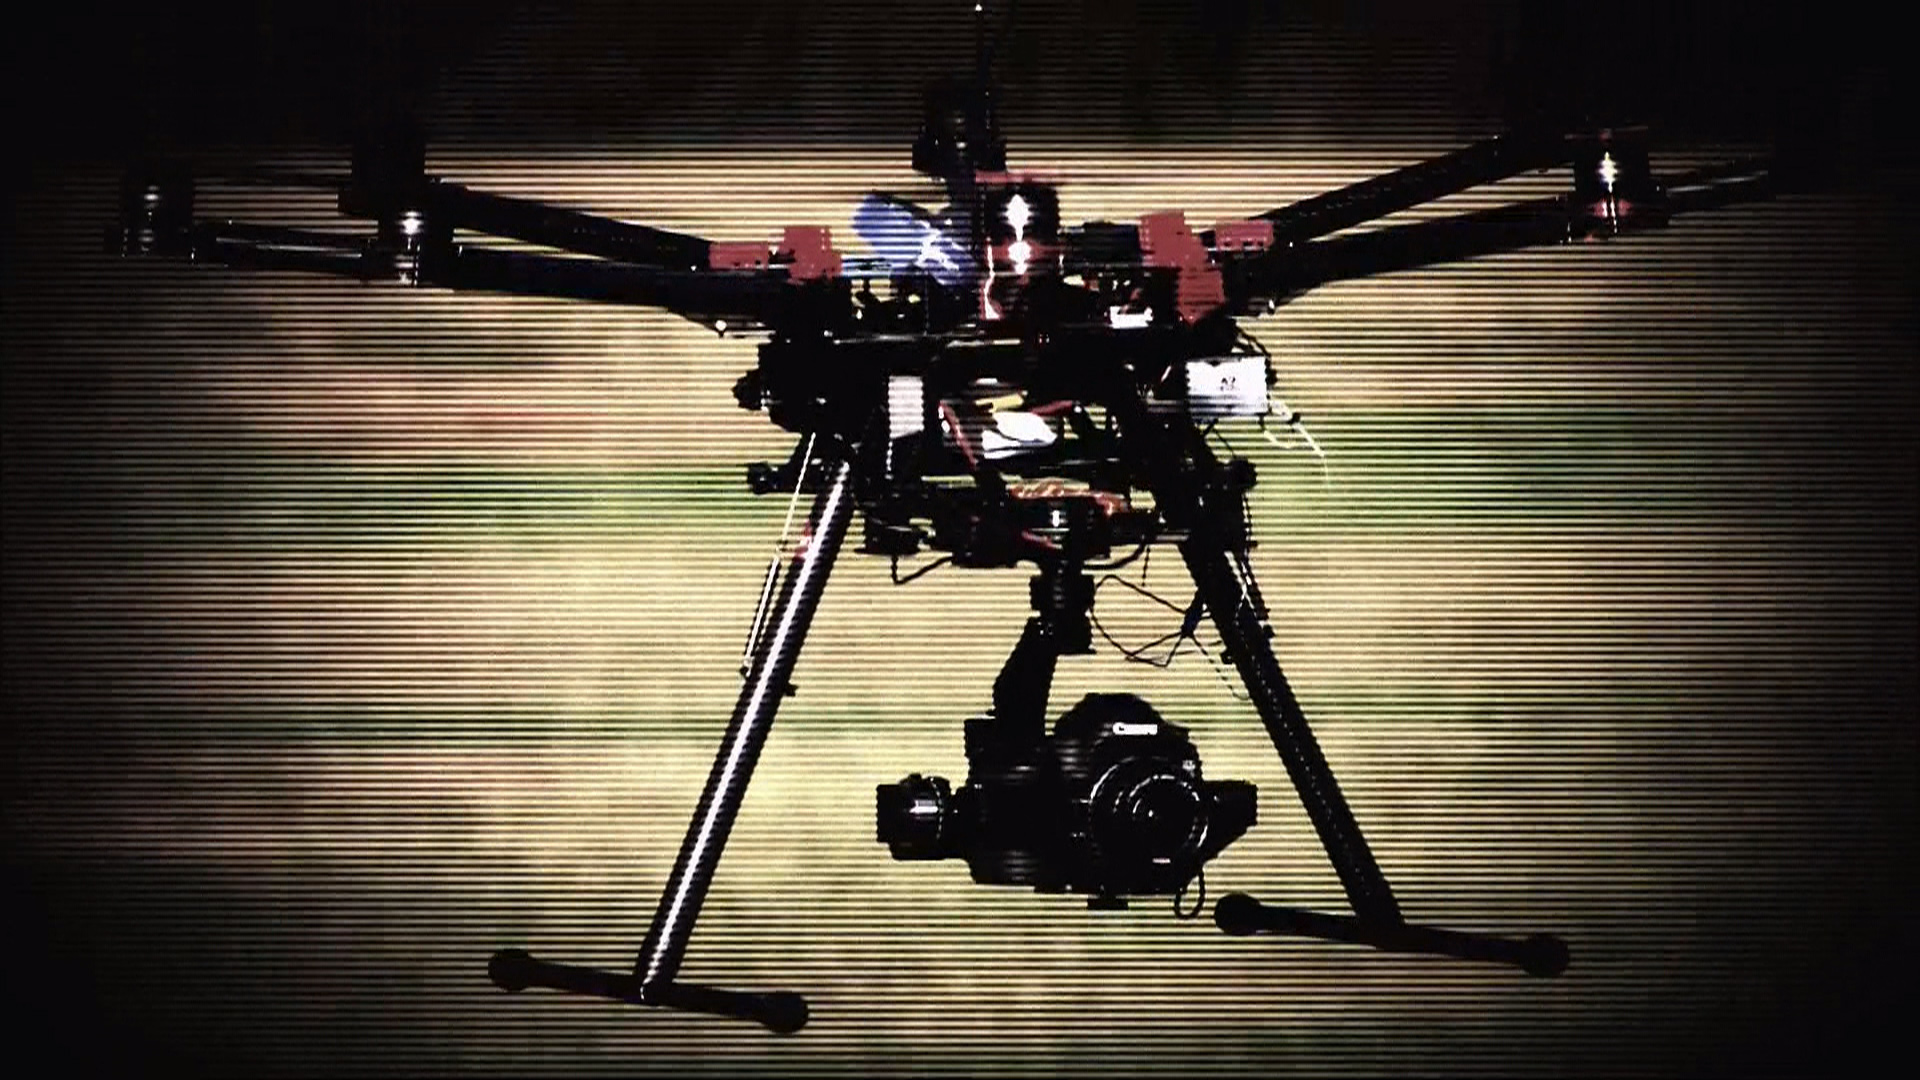 Drones buzz over Paris' famous landmarks